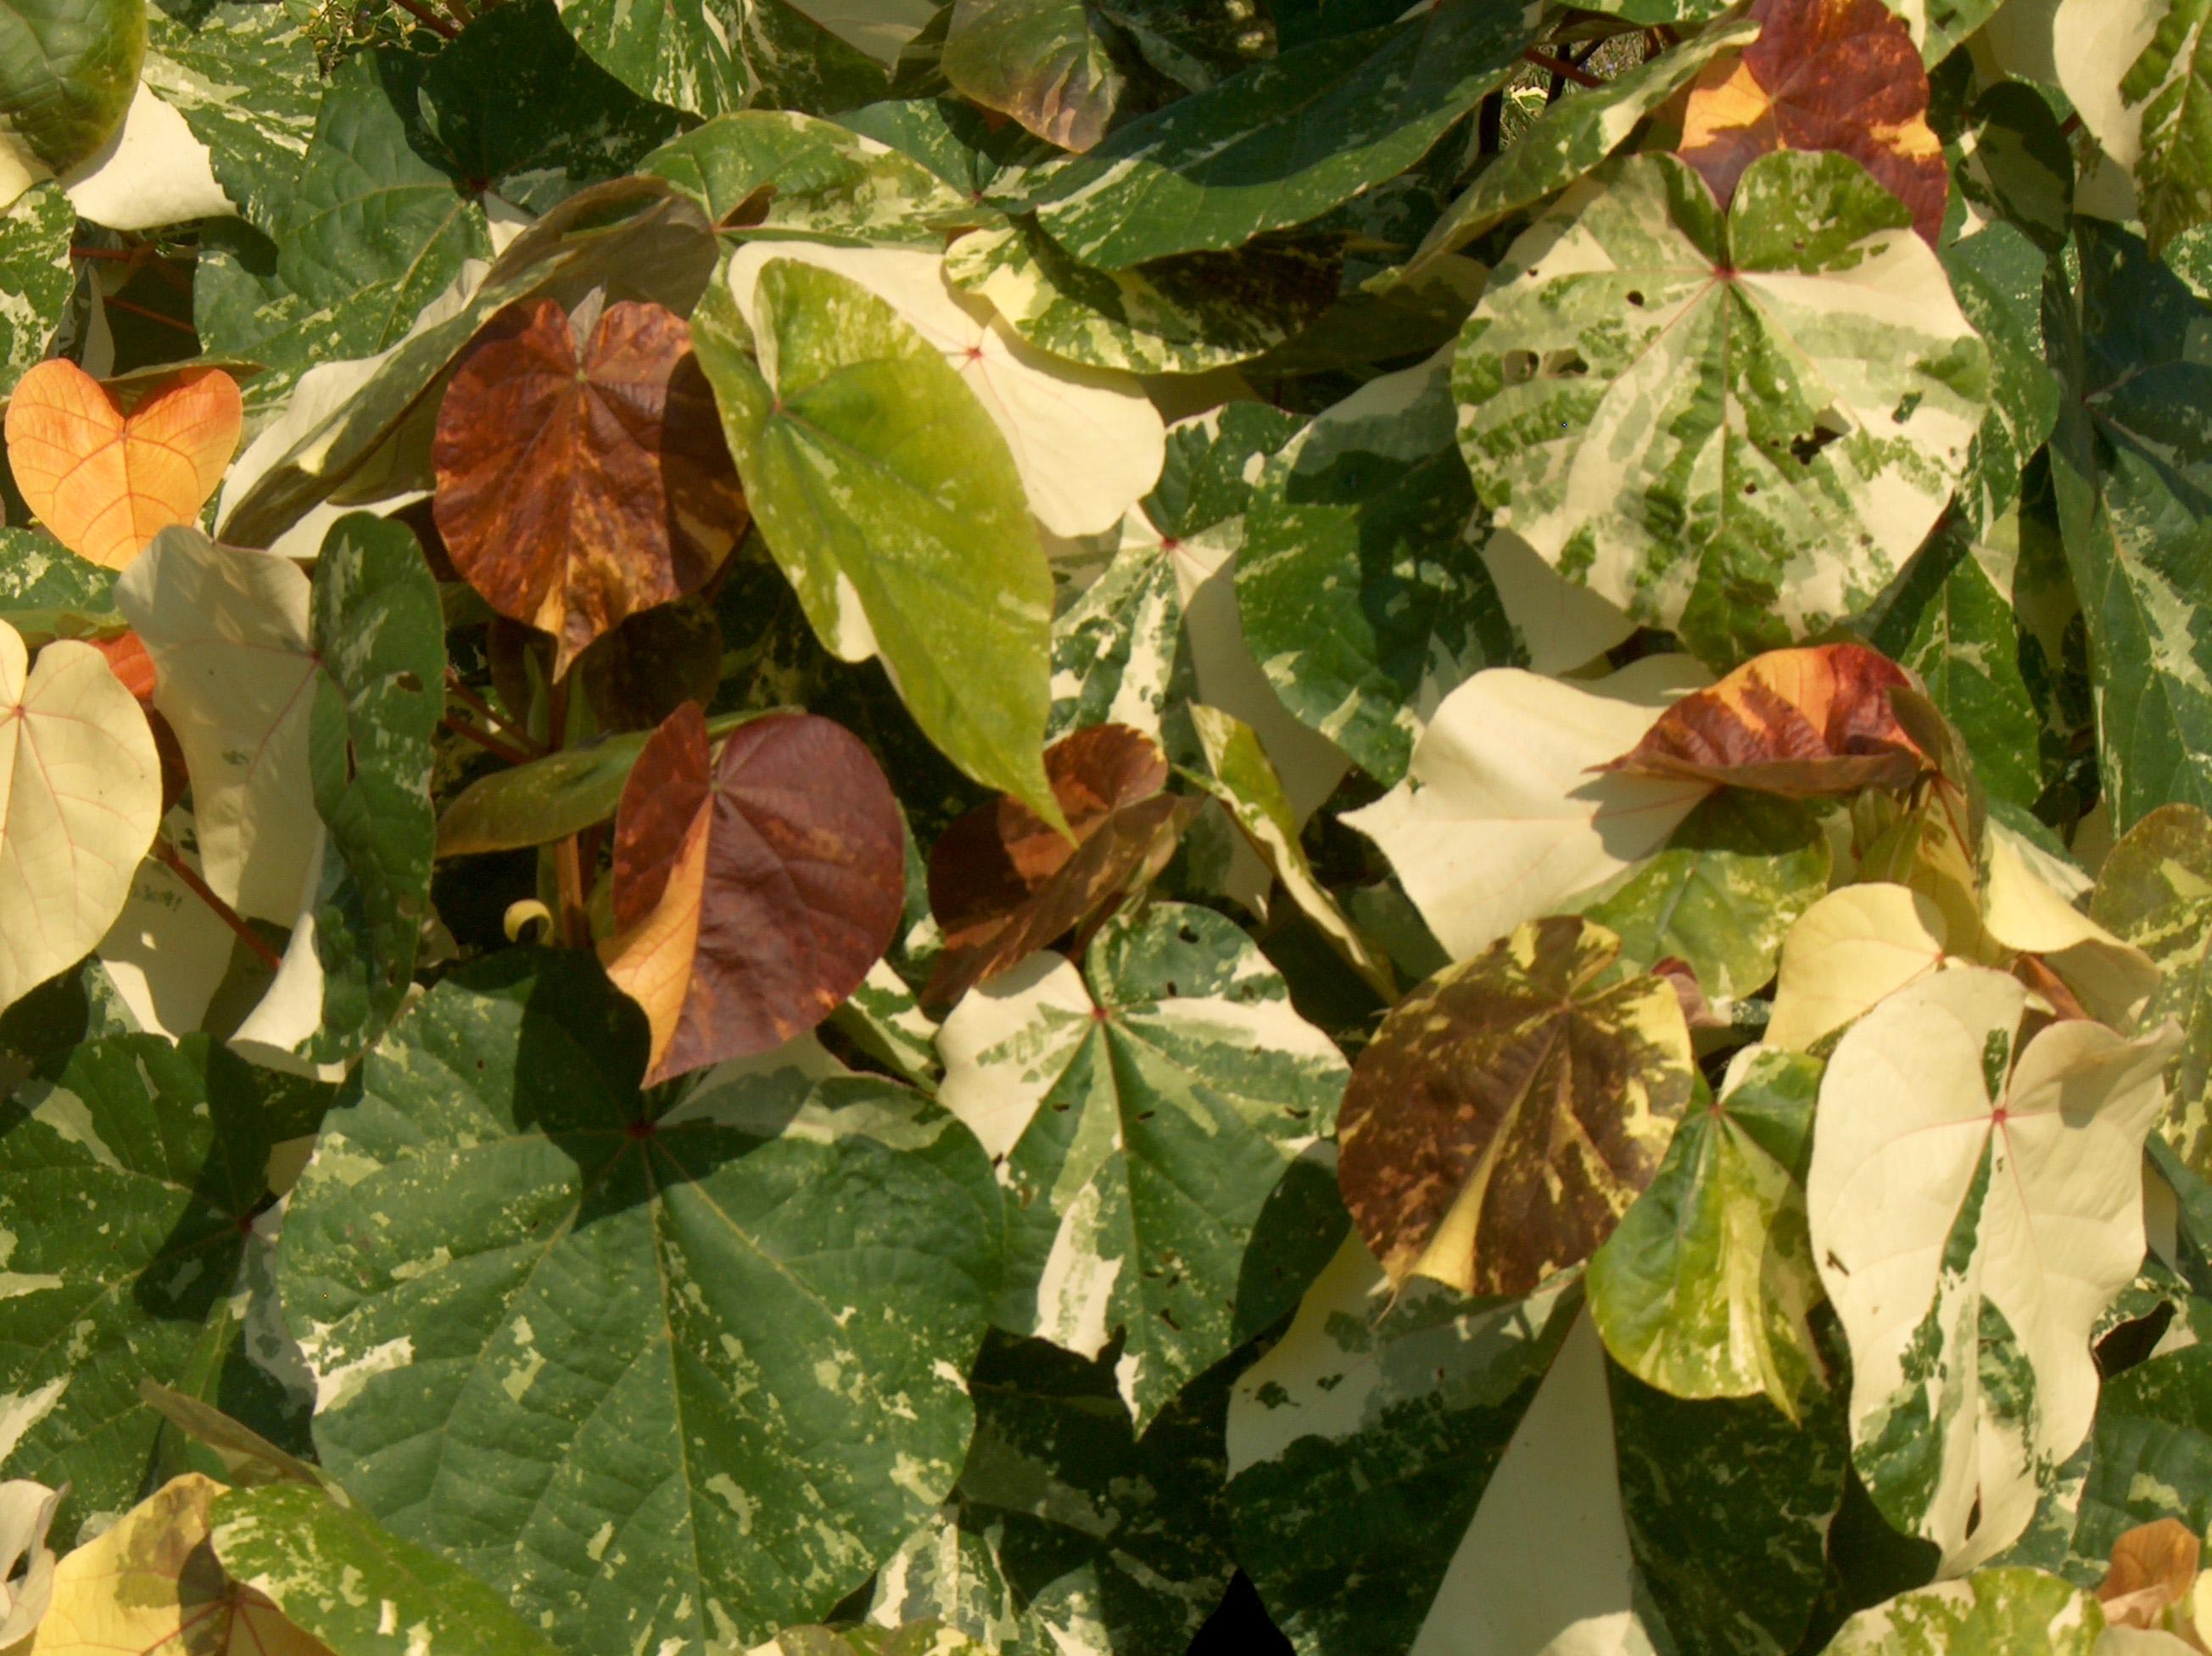 Hibiscus tiliaceus 'Variegata' / Hibiscus tiliaceus 'Variegata'